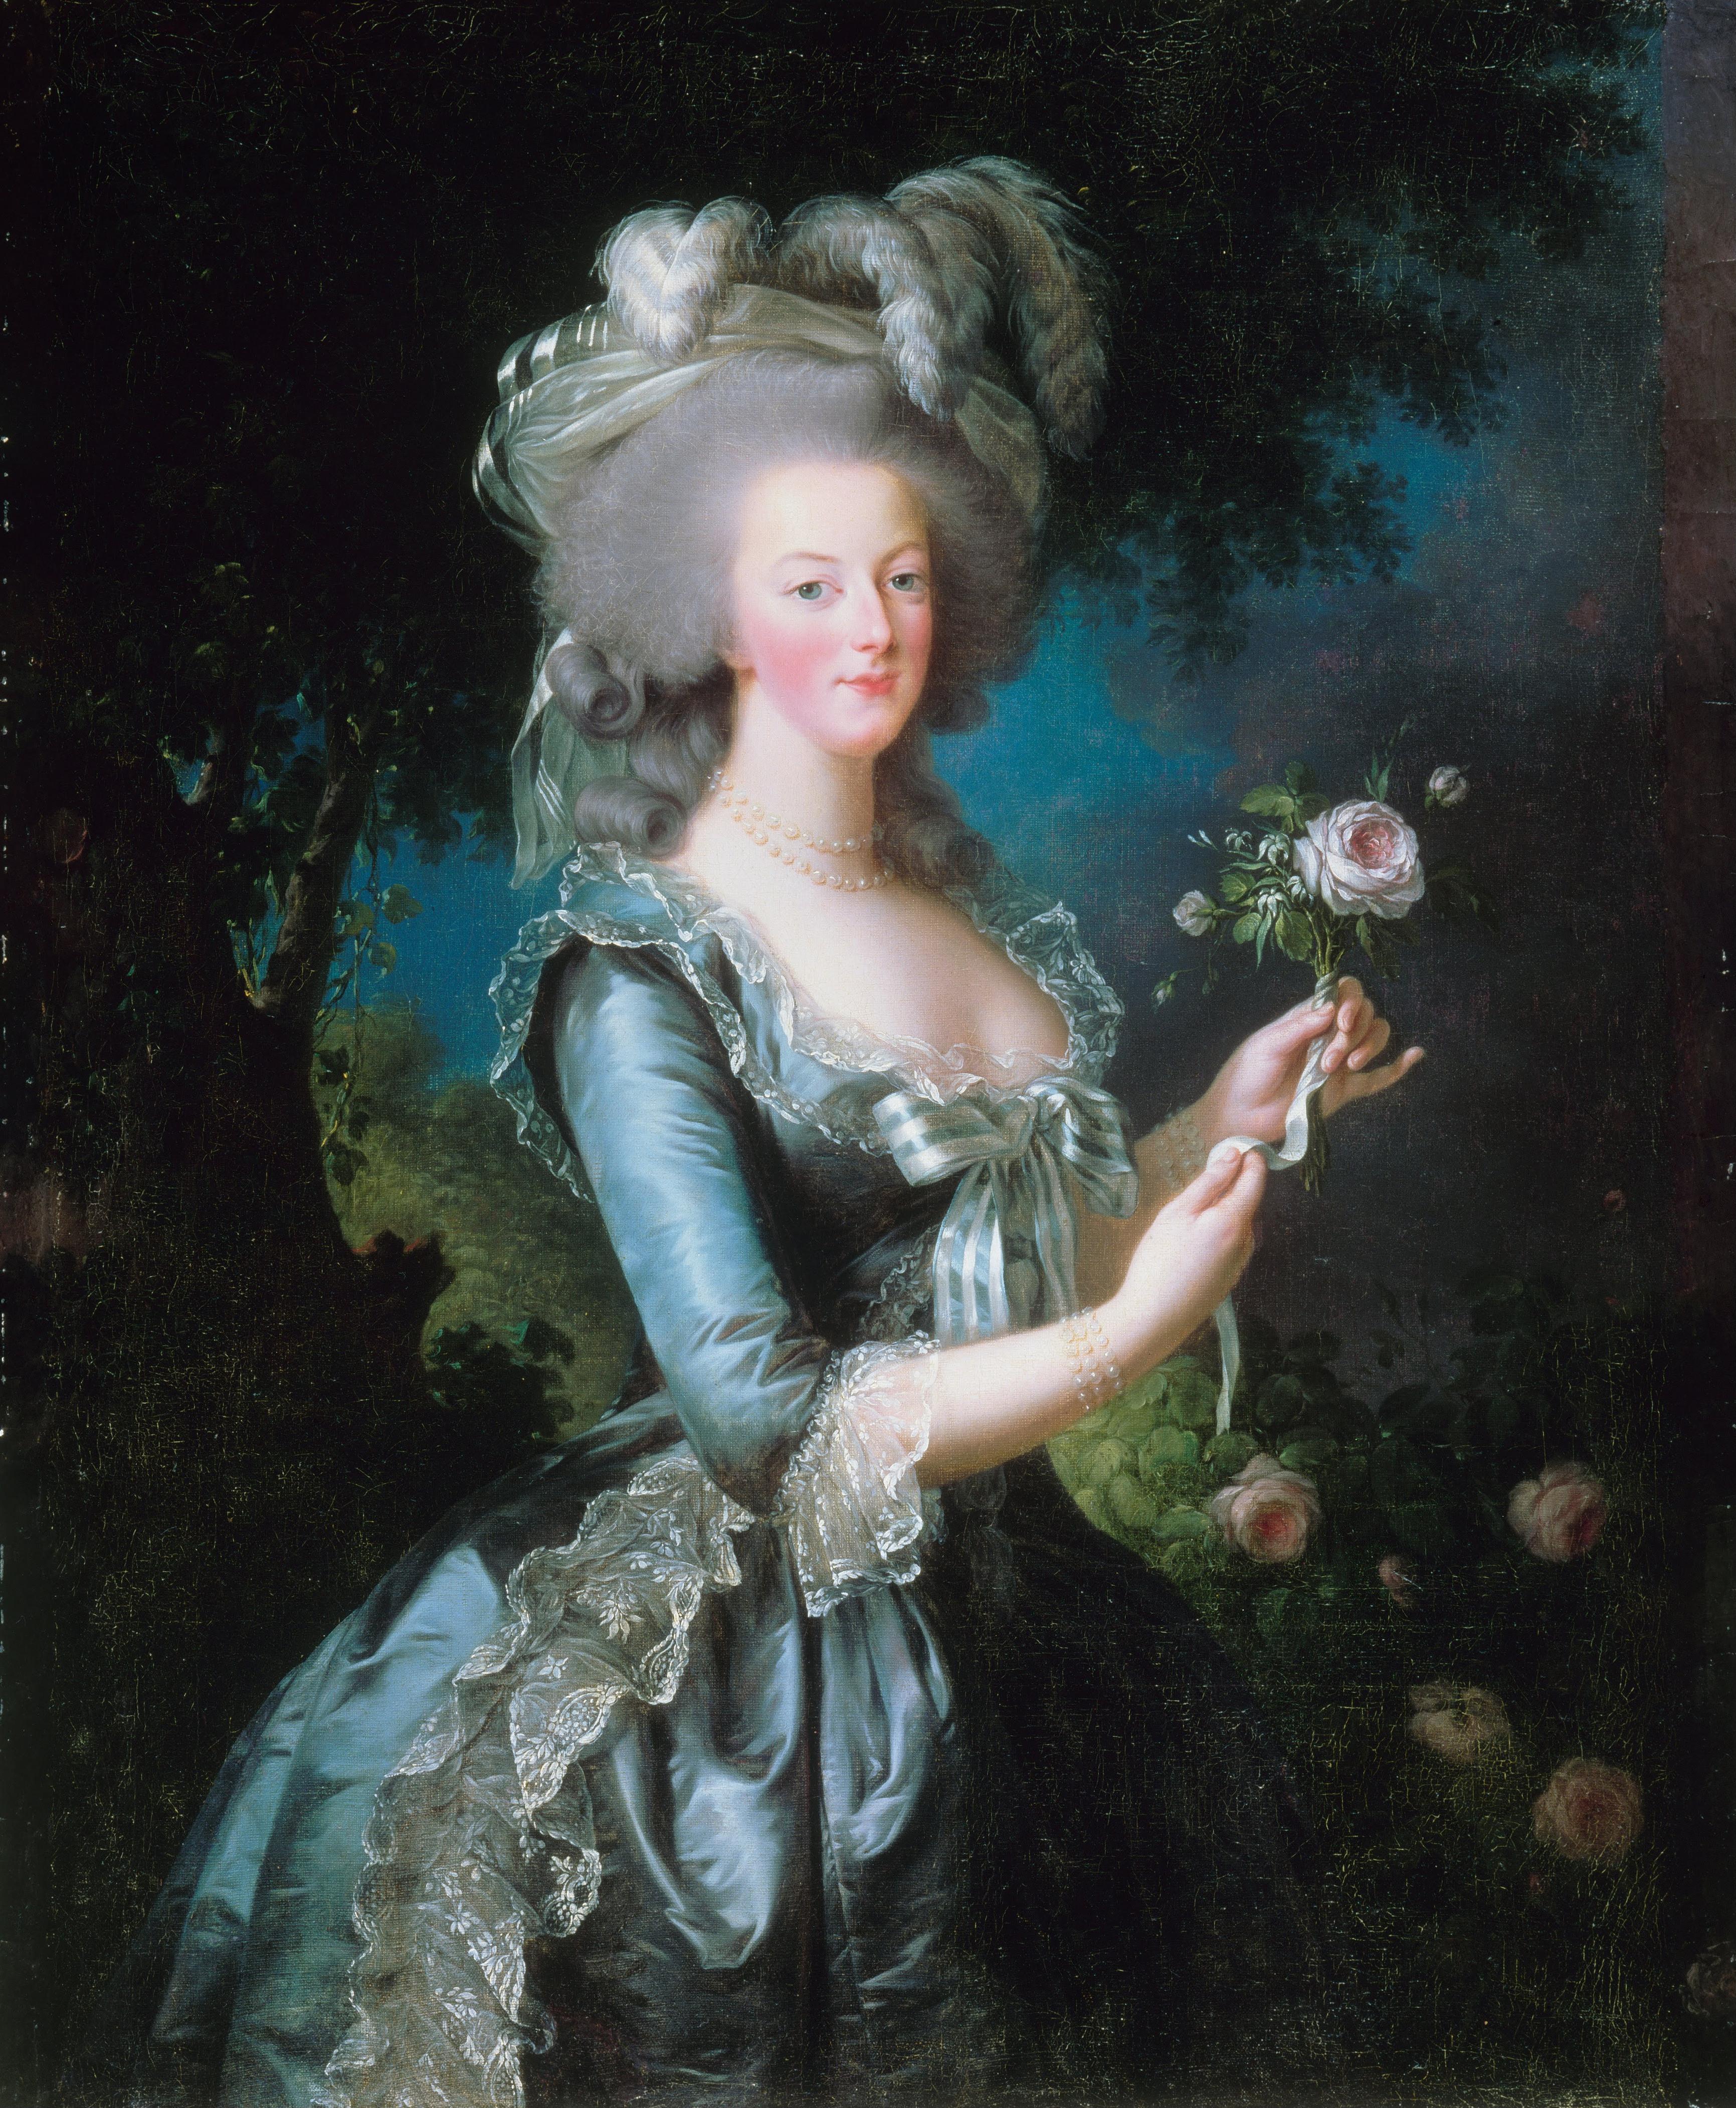 Königin Marie Antoinette wurde das Opfer einer Verschwörung.